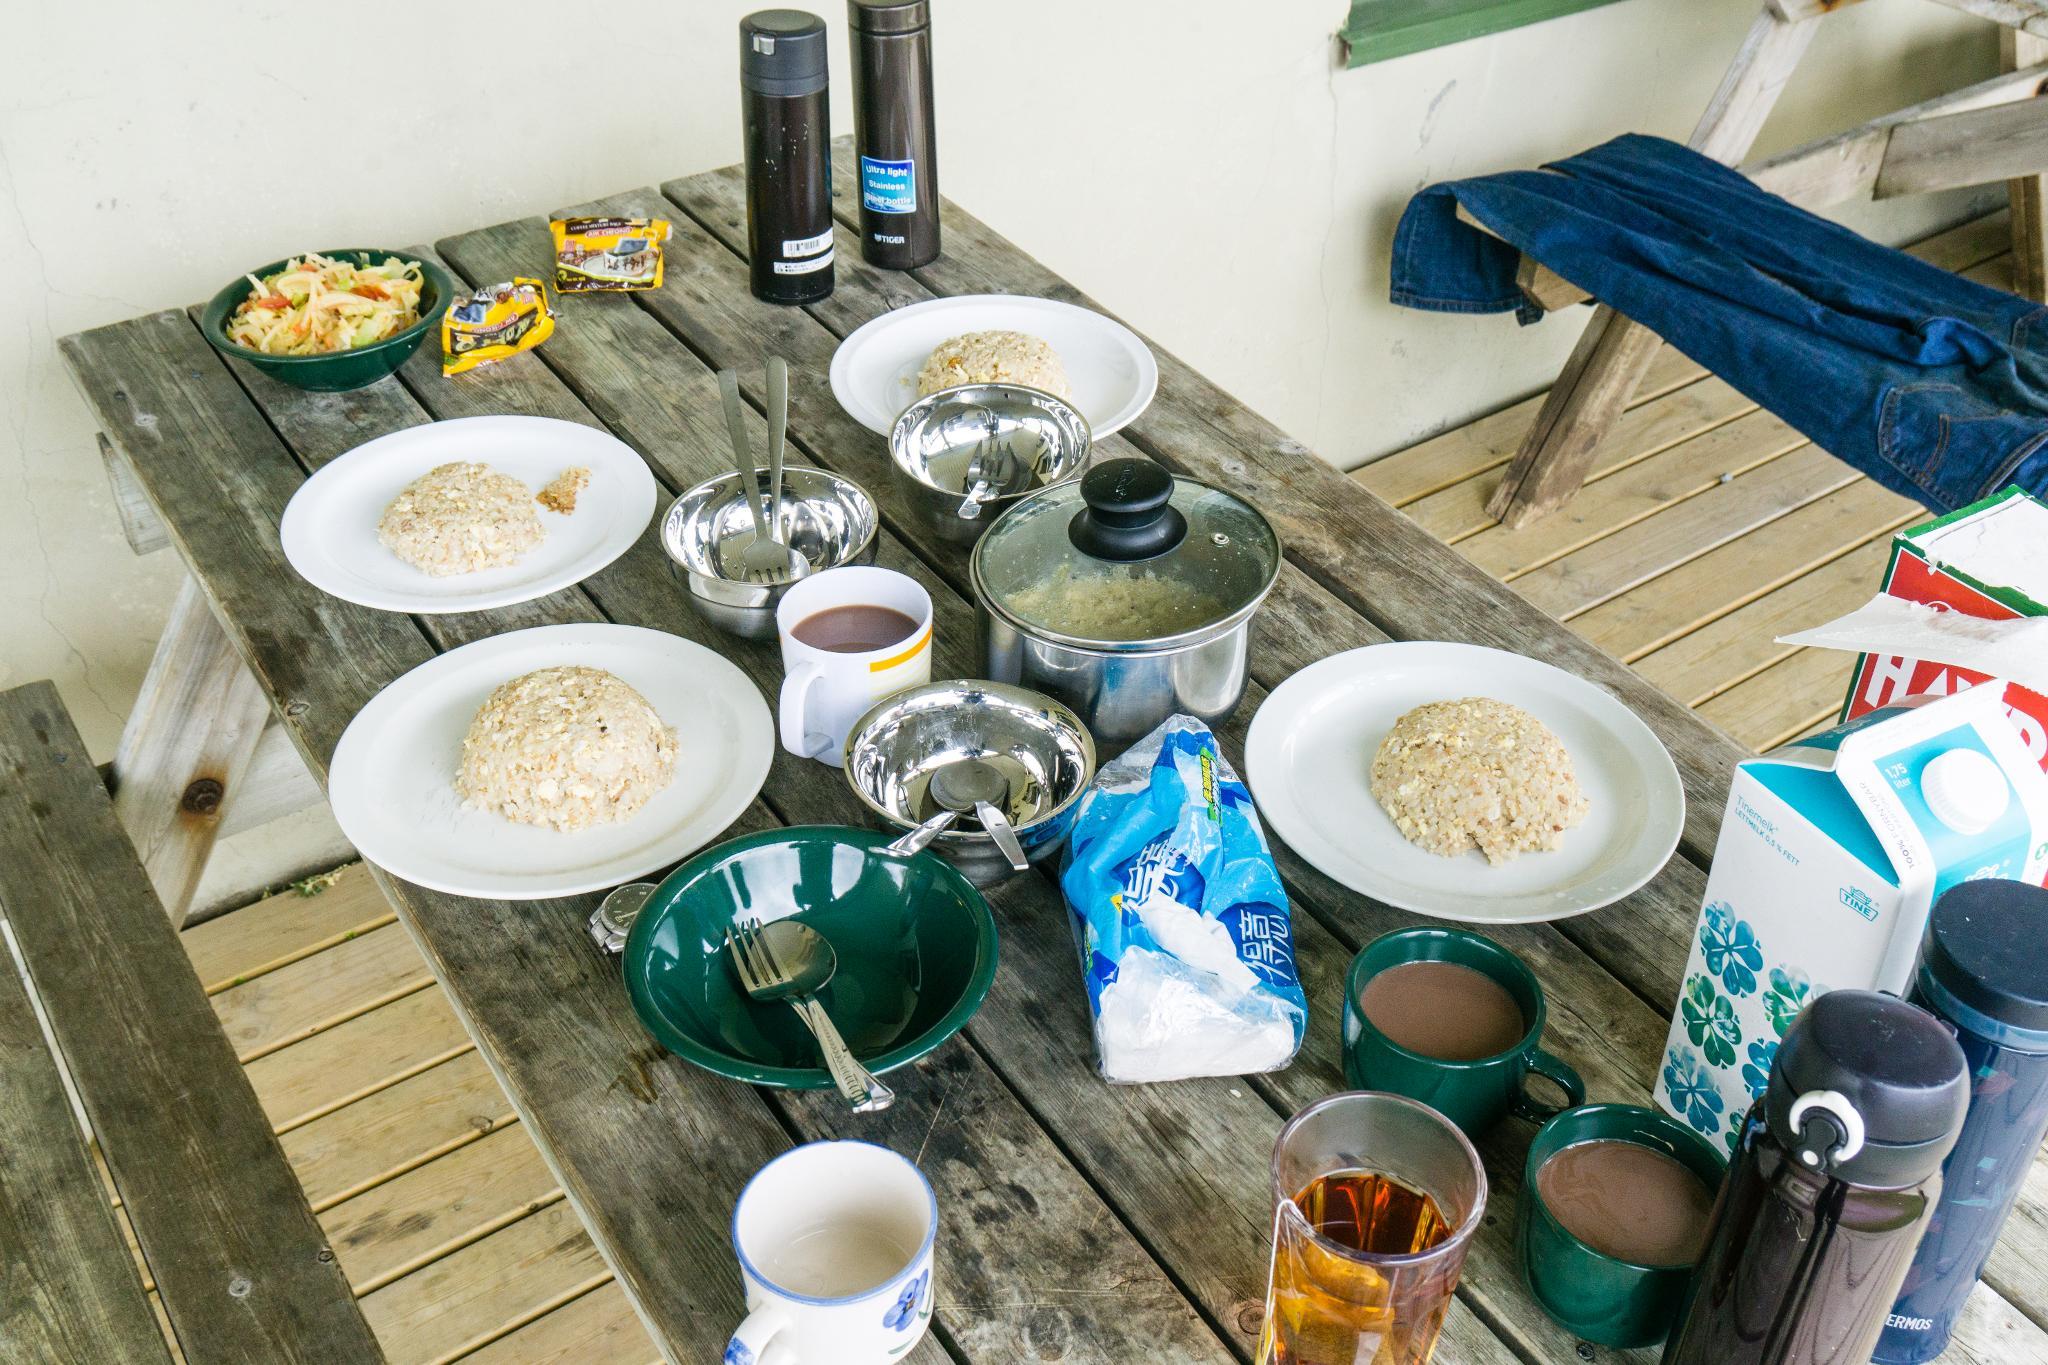 【北歐露營】推薦羅弗敦群島露營地 - Ramberg Camping 15